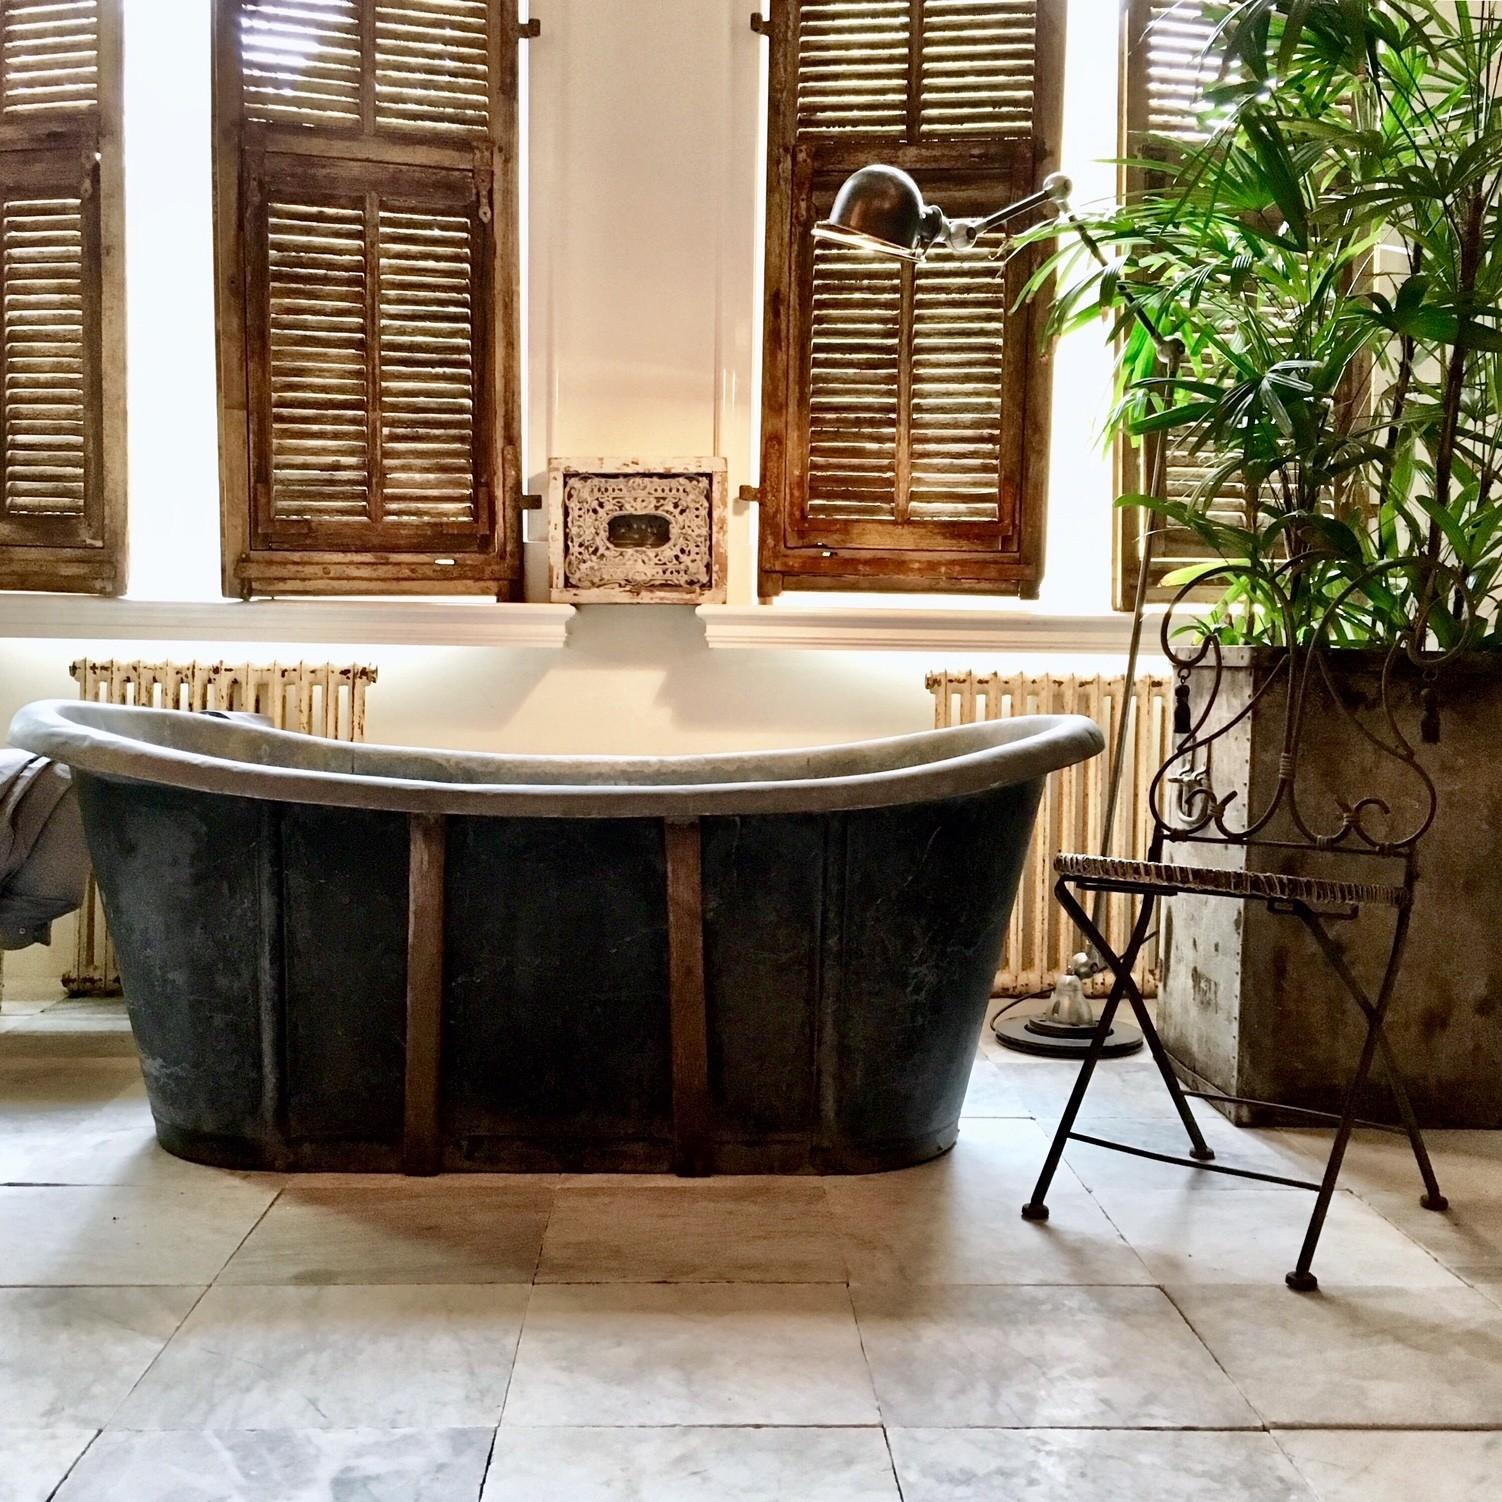 Alte Badewanne aus dem 19. Jahrhundert